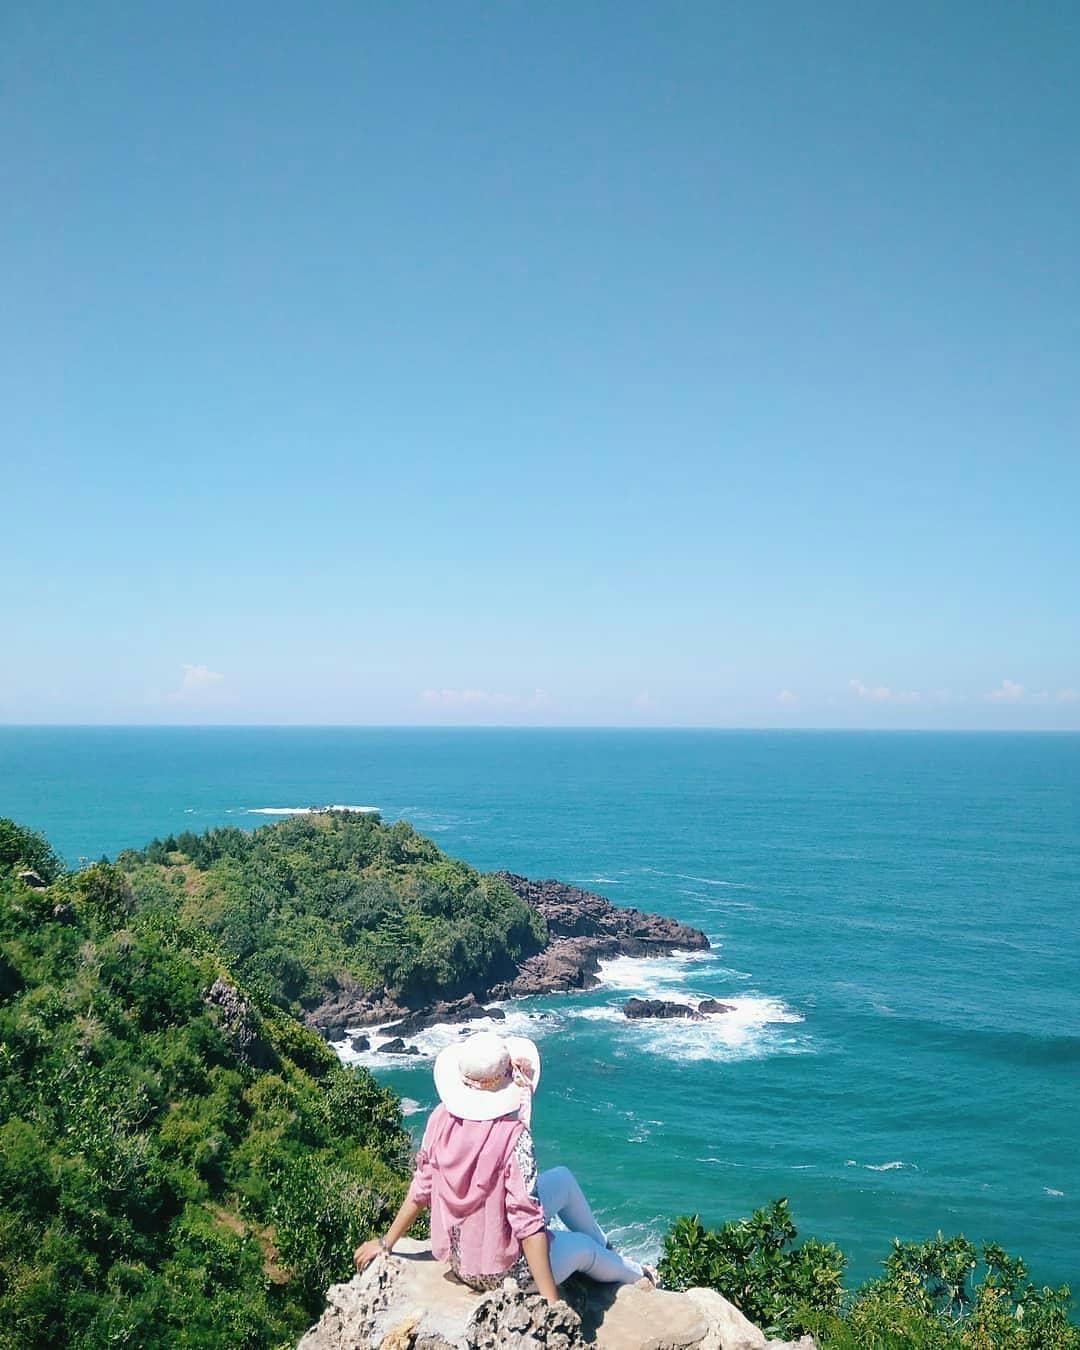 Pantai Laguna Kebumen Jawa Tengah : pantai, laguna, kebumen, tengah, Pantai, Surumanis, Kebumen